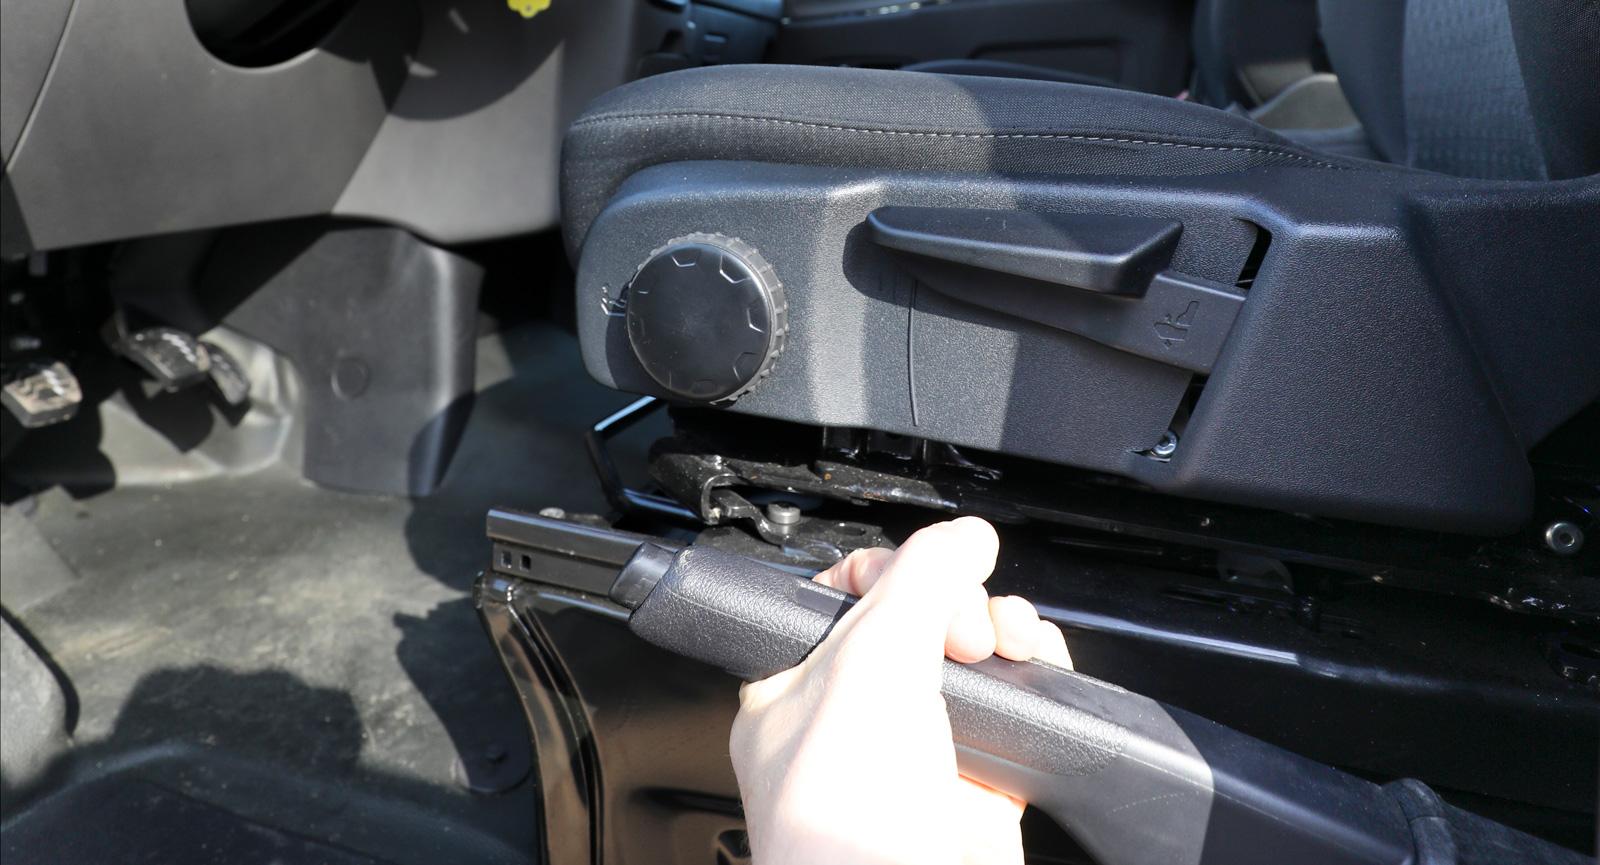 Parkeringsbromsen är inte i vägen när man vill vända förarstolen då den sitter lågt.